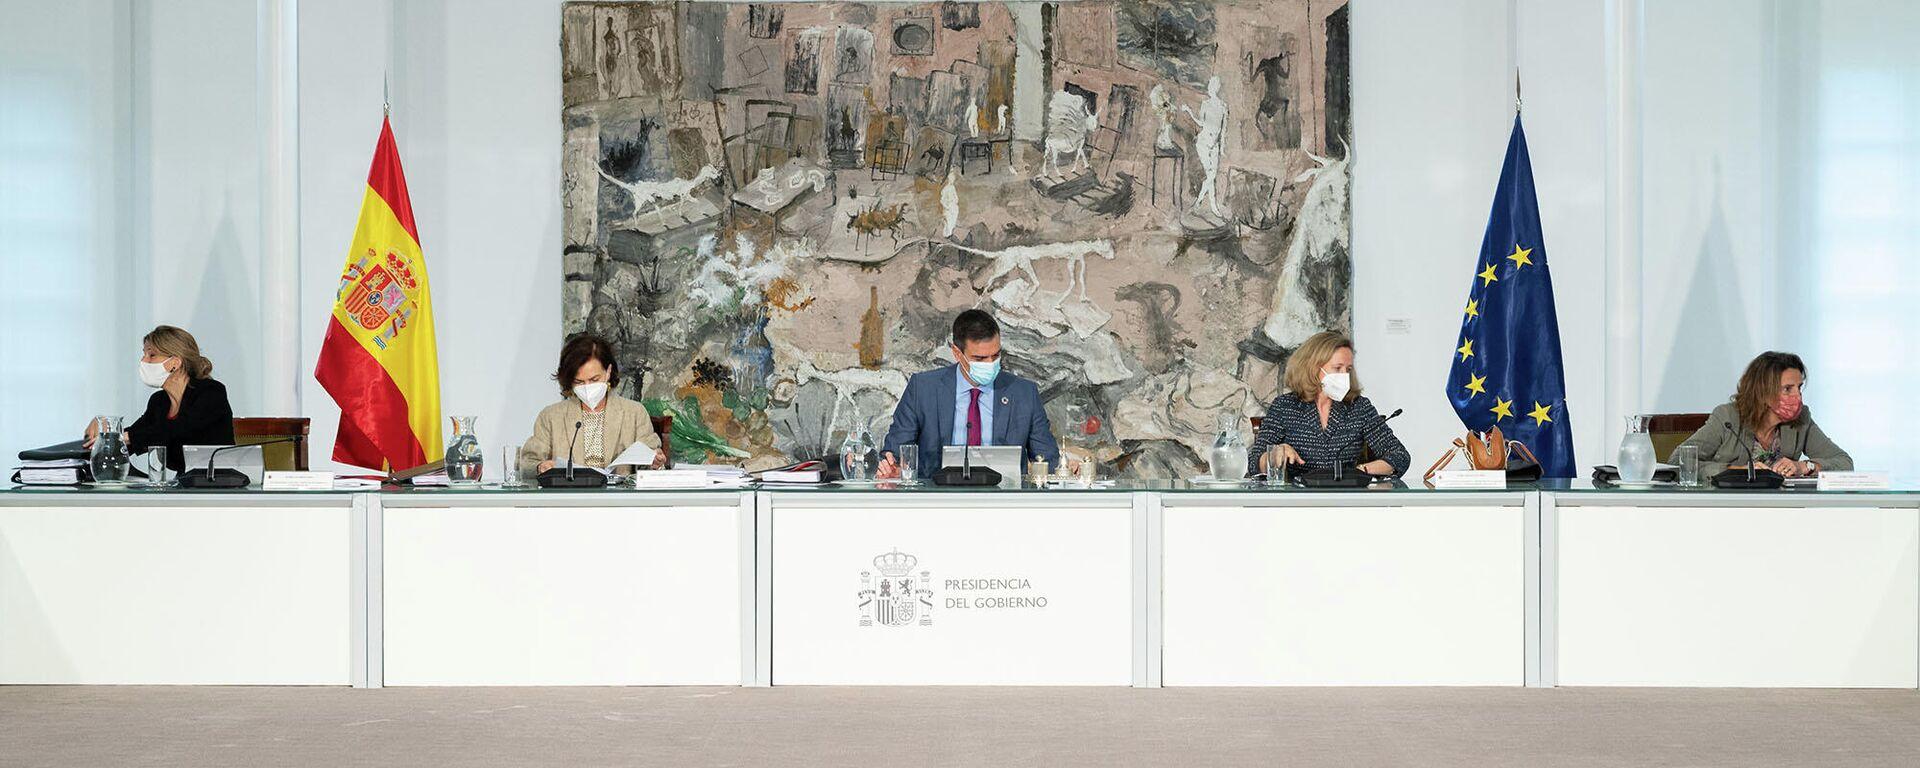 Reunión del Consejo de Ministros del 27 de abril de 2021 - Sputnik Mundo, 1920, 27.04.2021